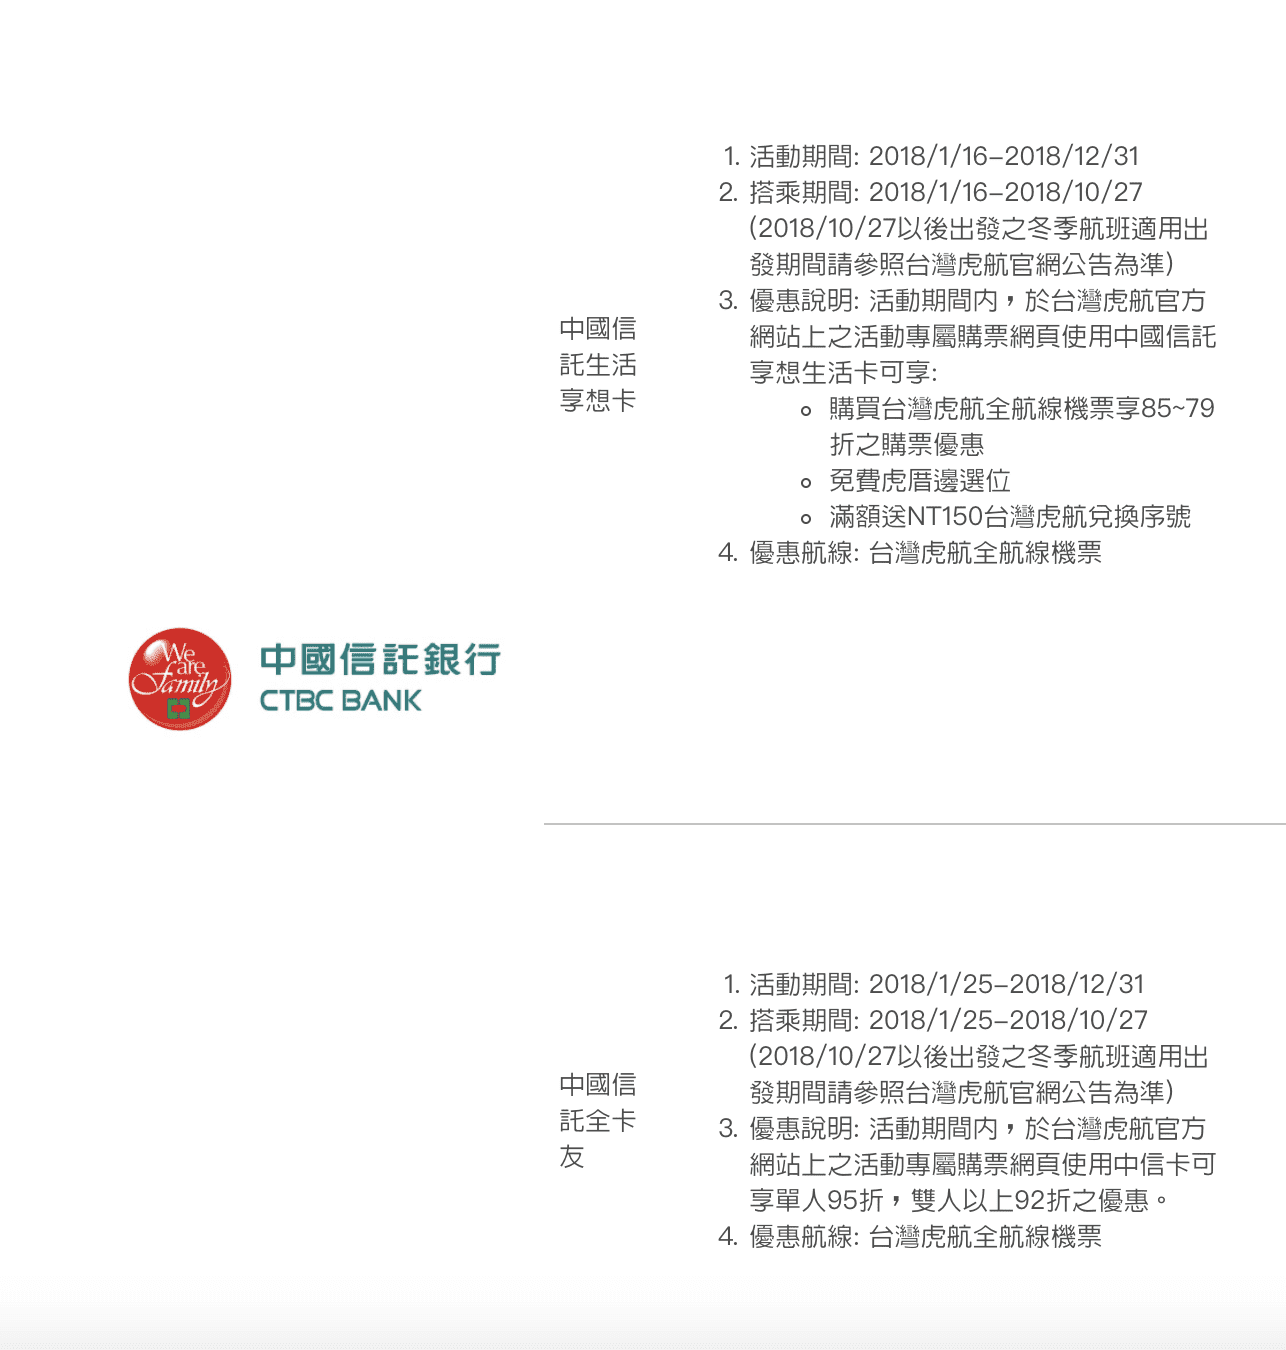 虎航線上旅展即將開賣,最低單程700元未稅!另虎航新增超商付款功能、平日購票可善用信用卡優惠~